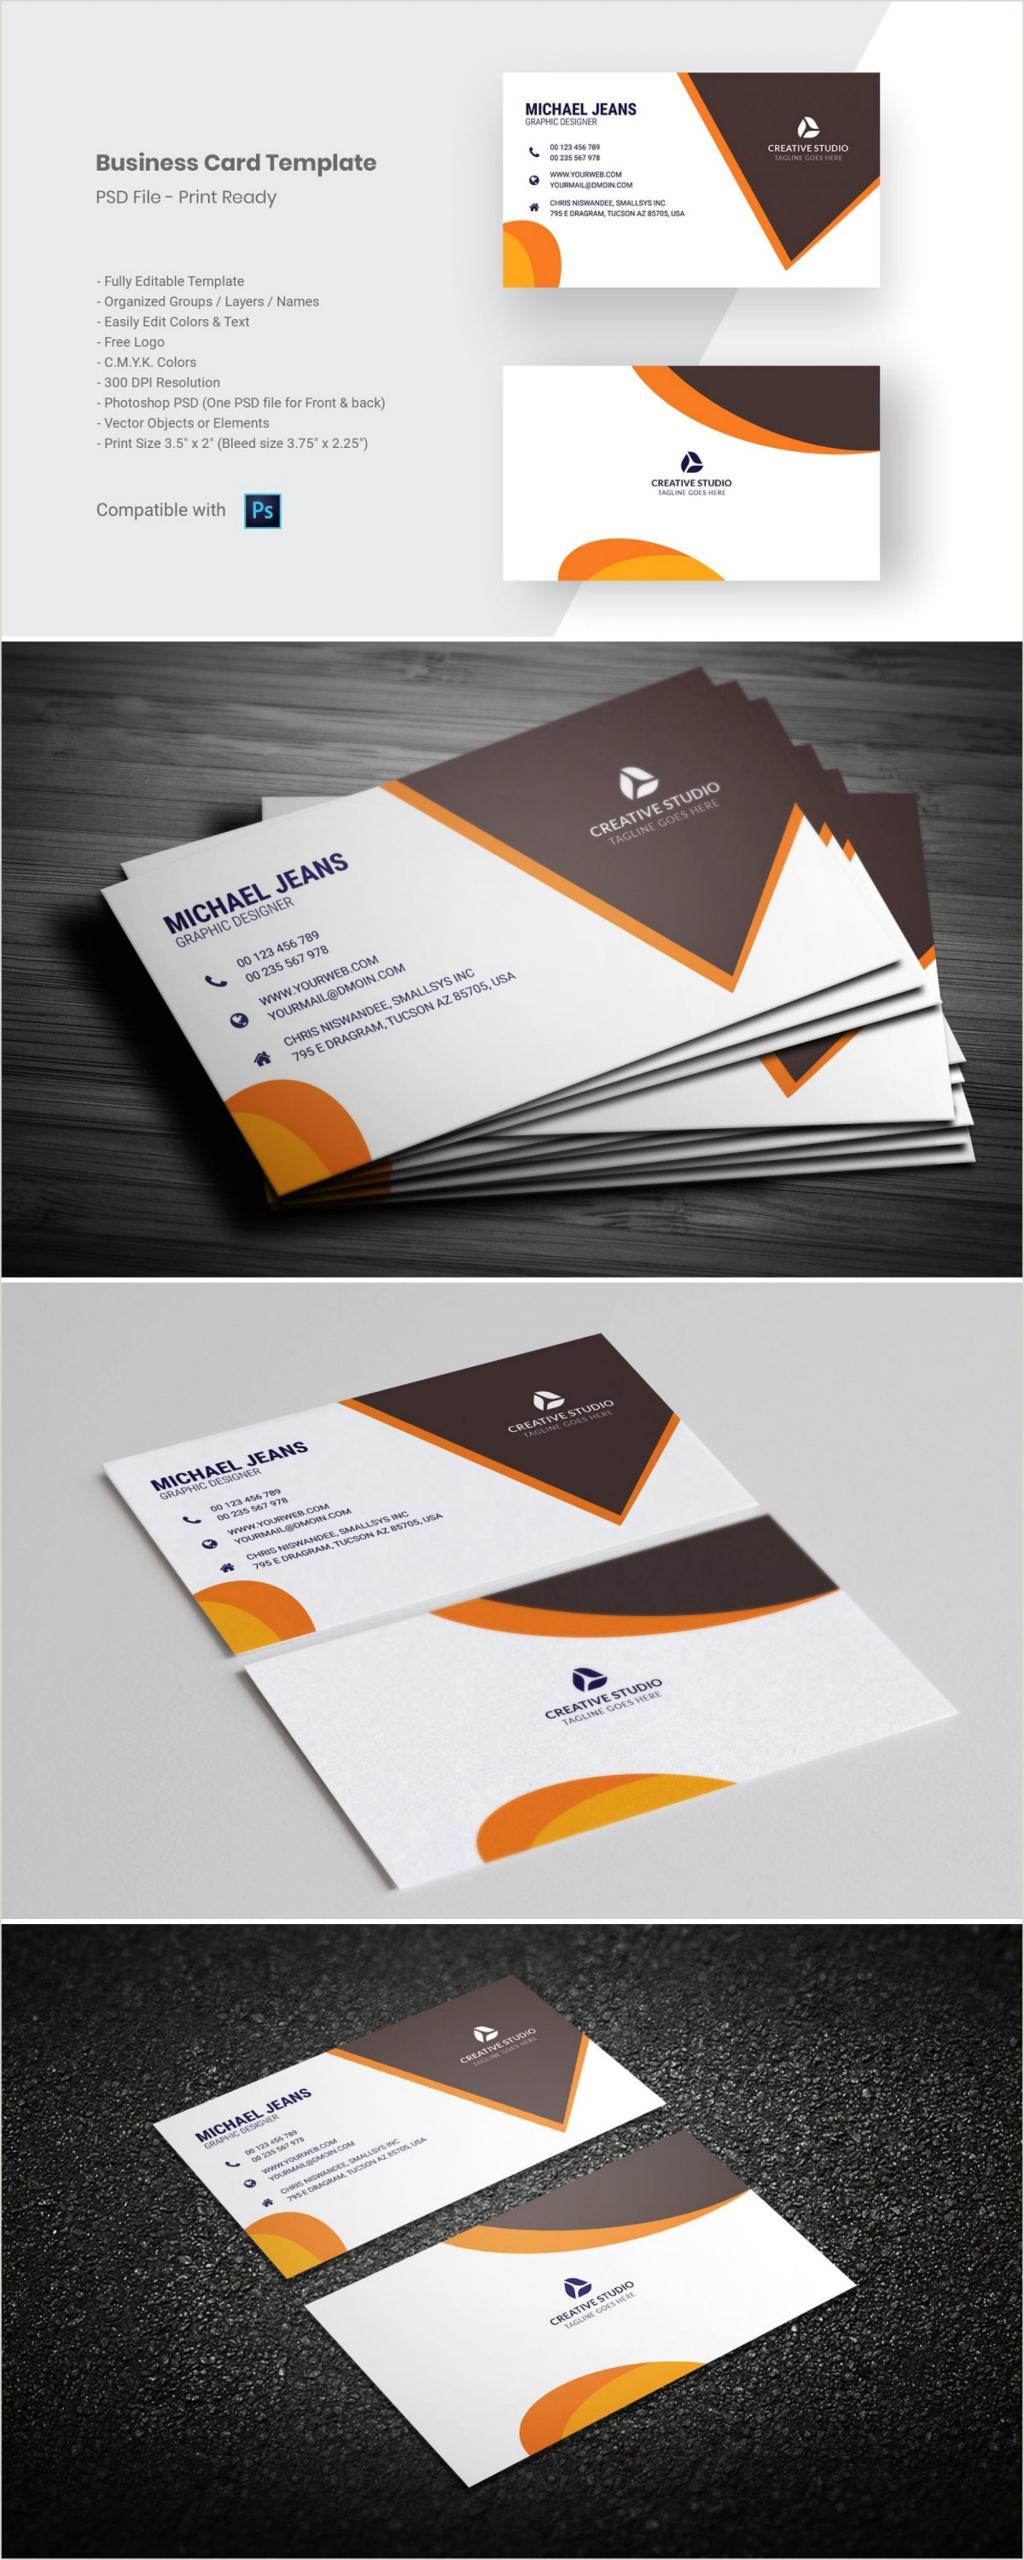 Business Card Details Modern Business Card Template